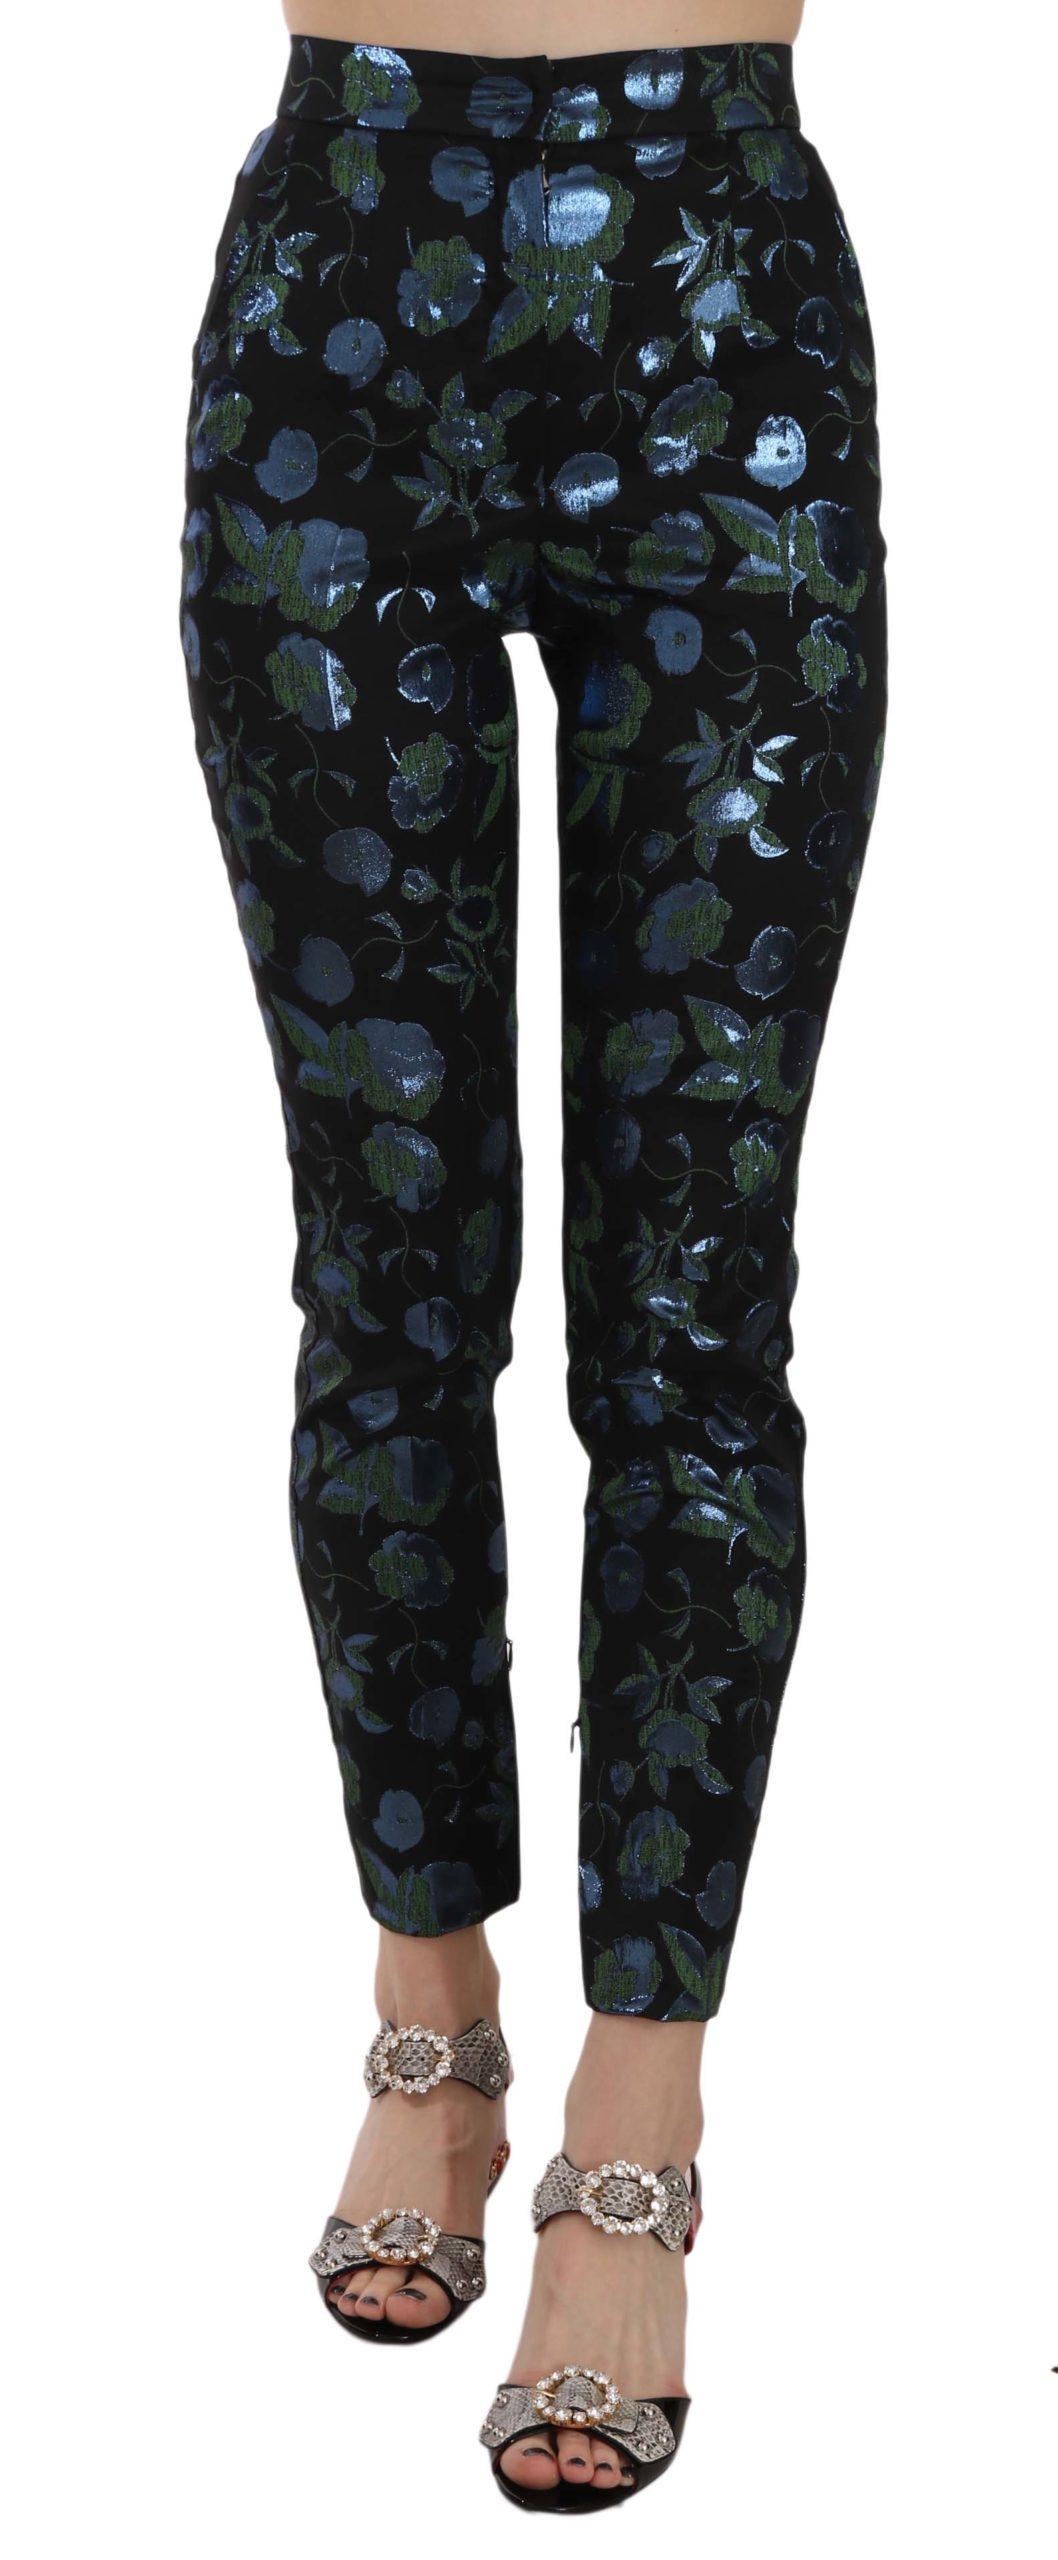 Dolce & Gabbana Women's Cropped Floral Jacquard Skinny Trouser Black PAN70044 - IT36|XXS